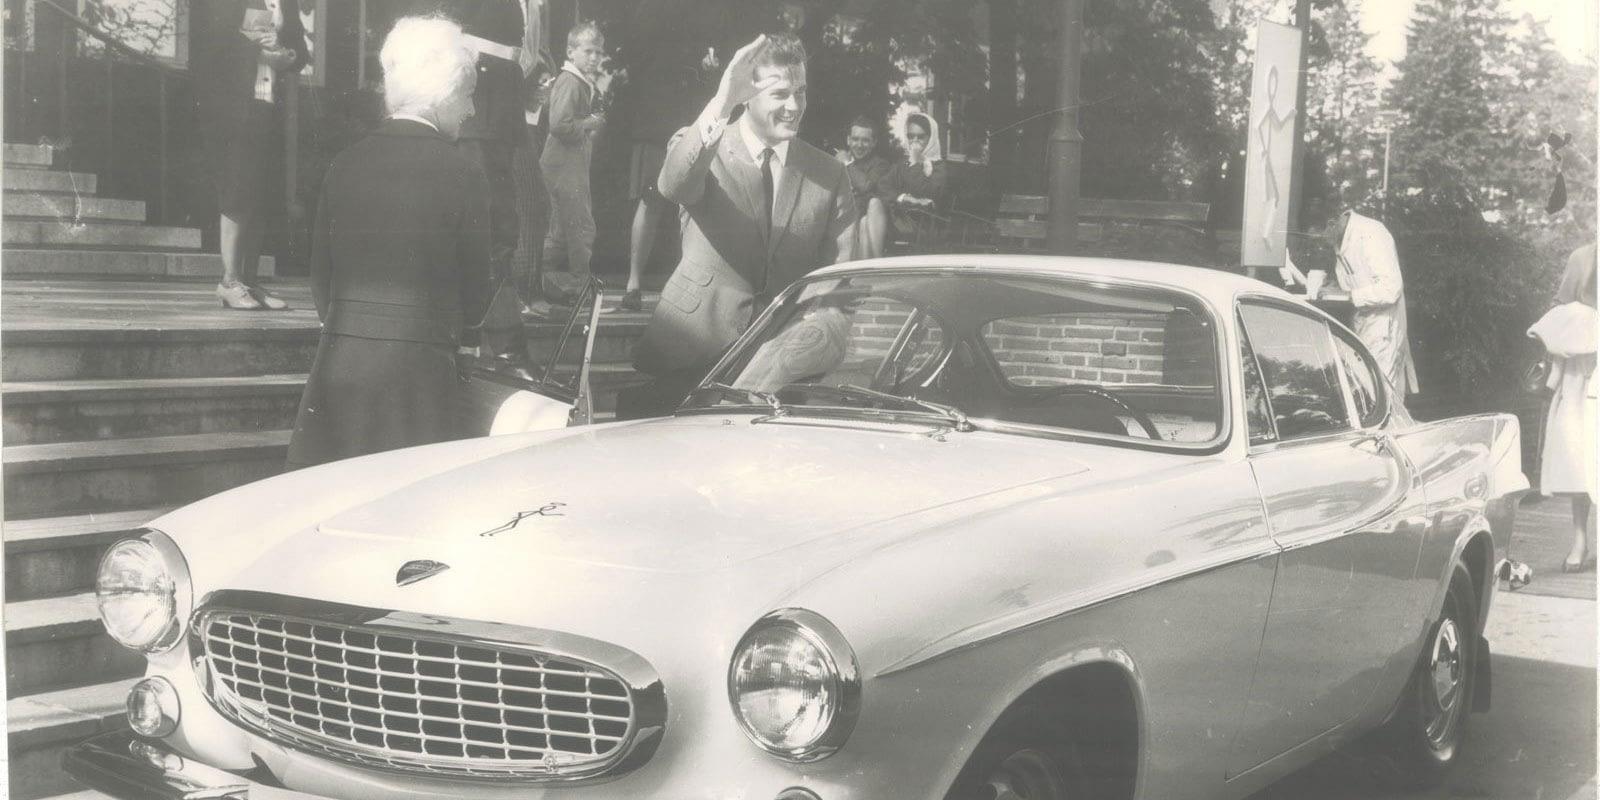 Historisk bilde fra Bilservice - les mer om oss på denne siden